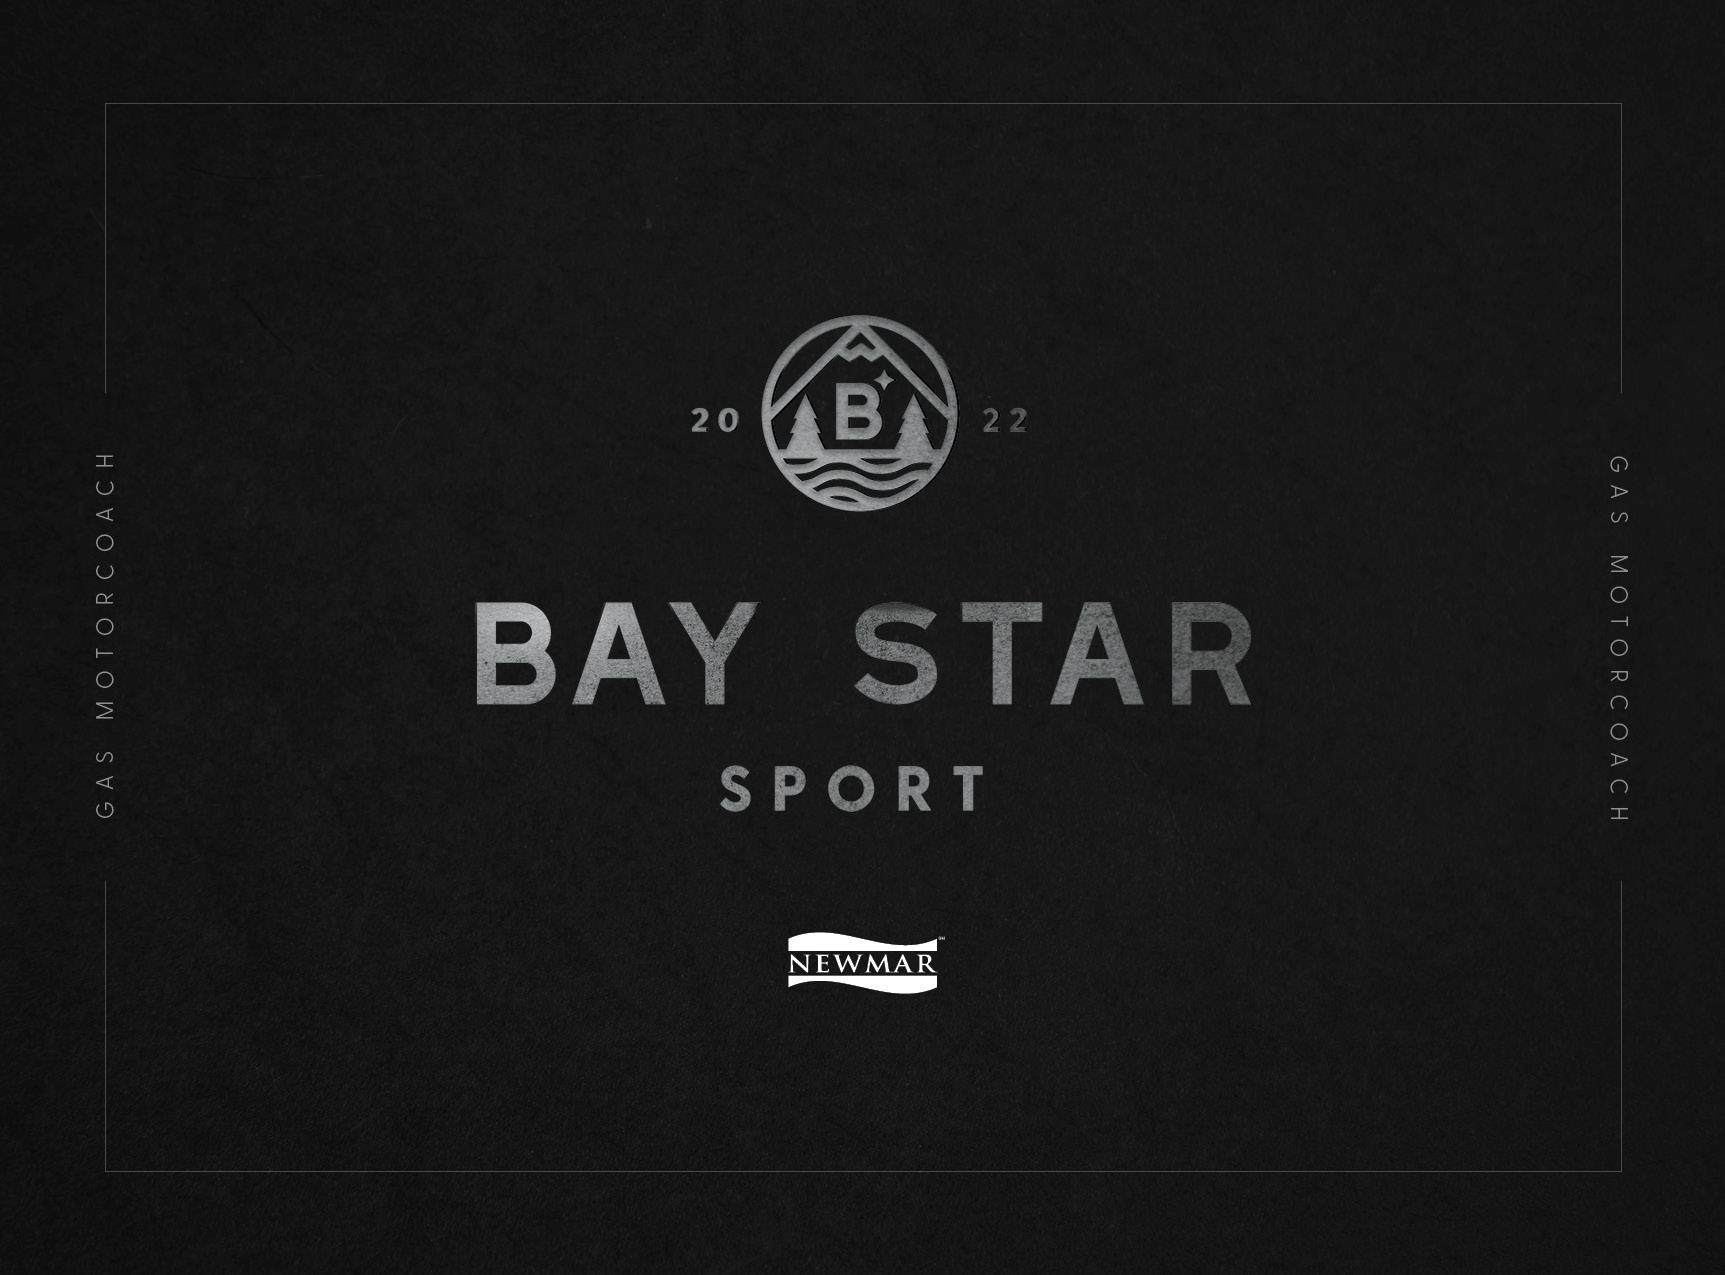 2022 Bay Star Sport